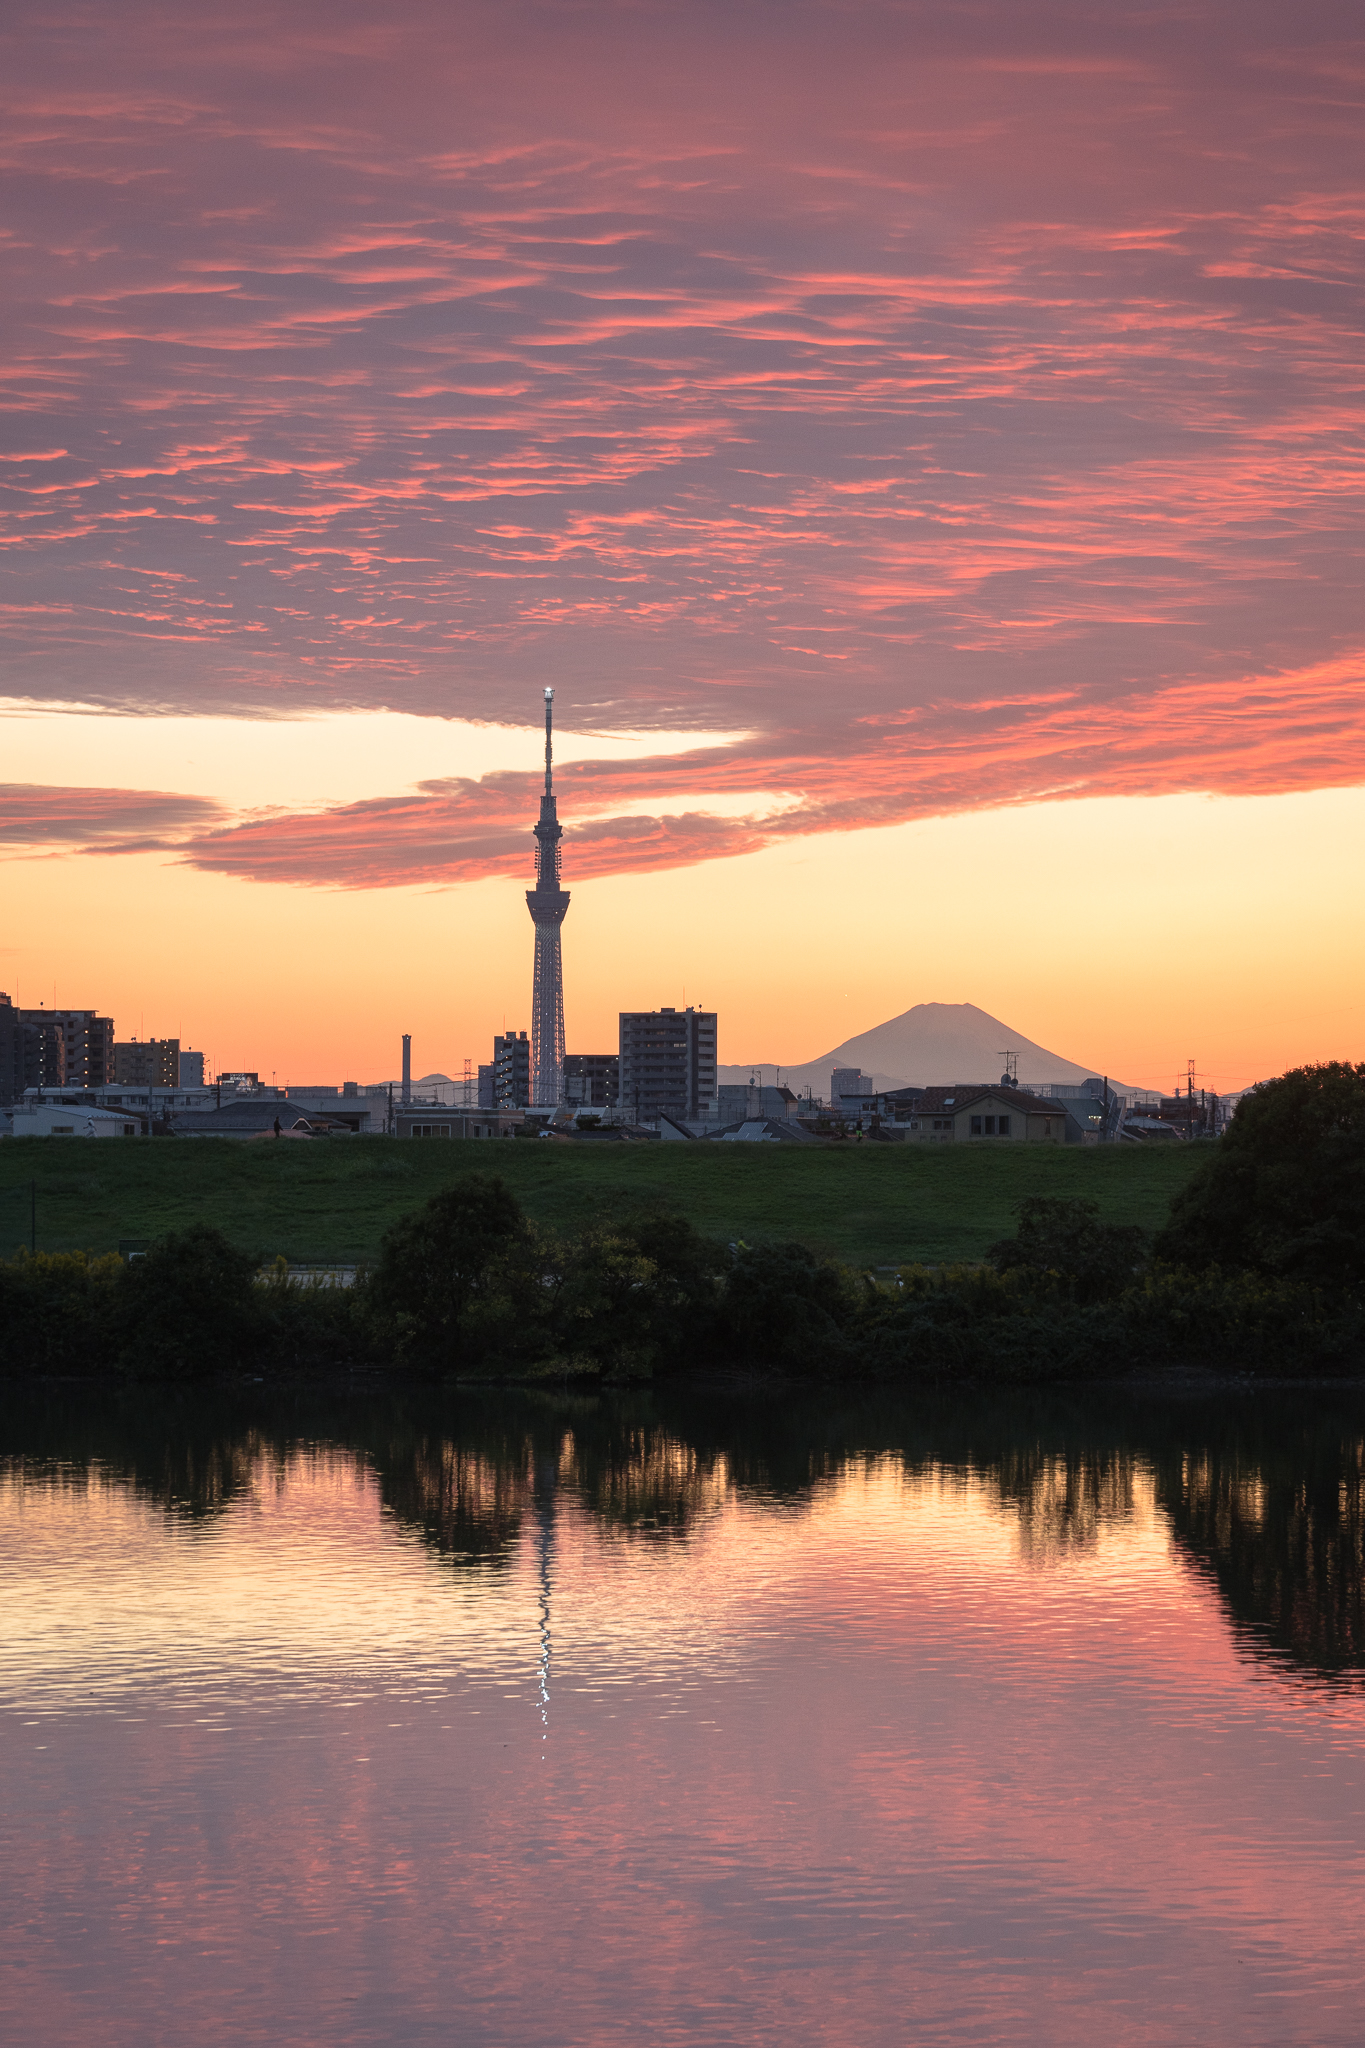 夕焼け空と富士山、スカイツリー 江戸川の土手より 2020年10月18日撮影